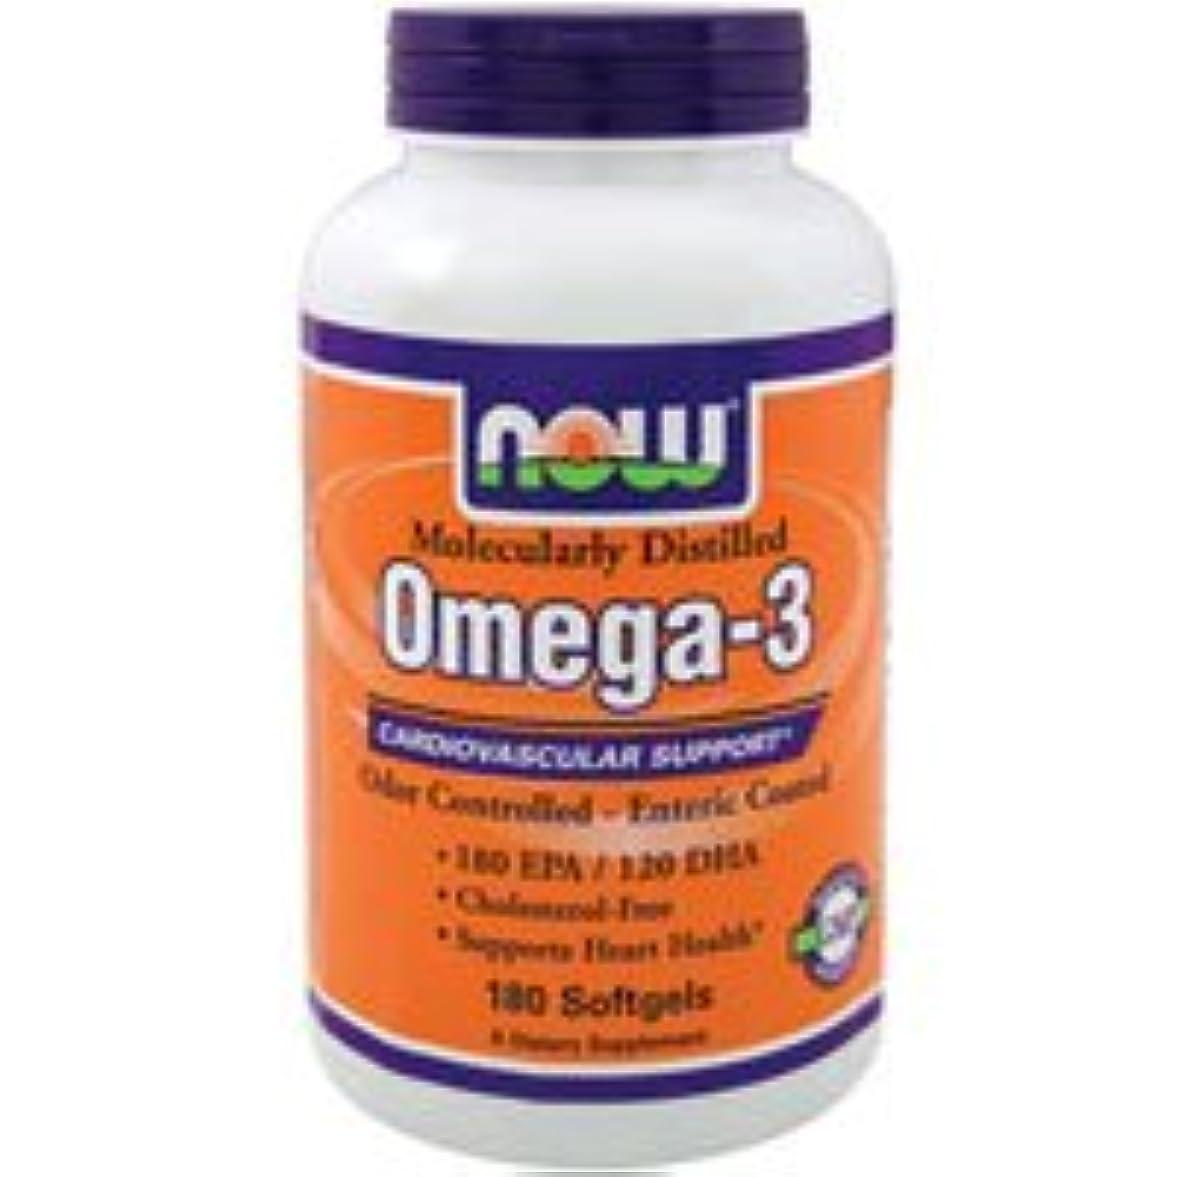 申し立てられた優れた再現するオメガ3(臭気制御、腸溶解) (1000mg) 180 sgels 2個パック